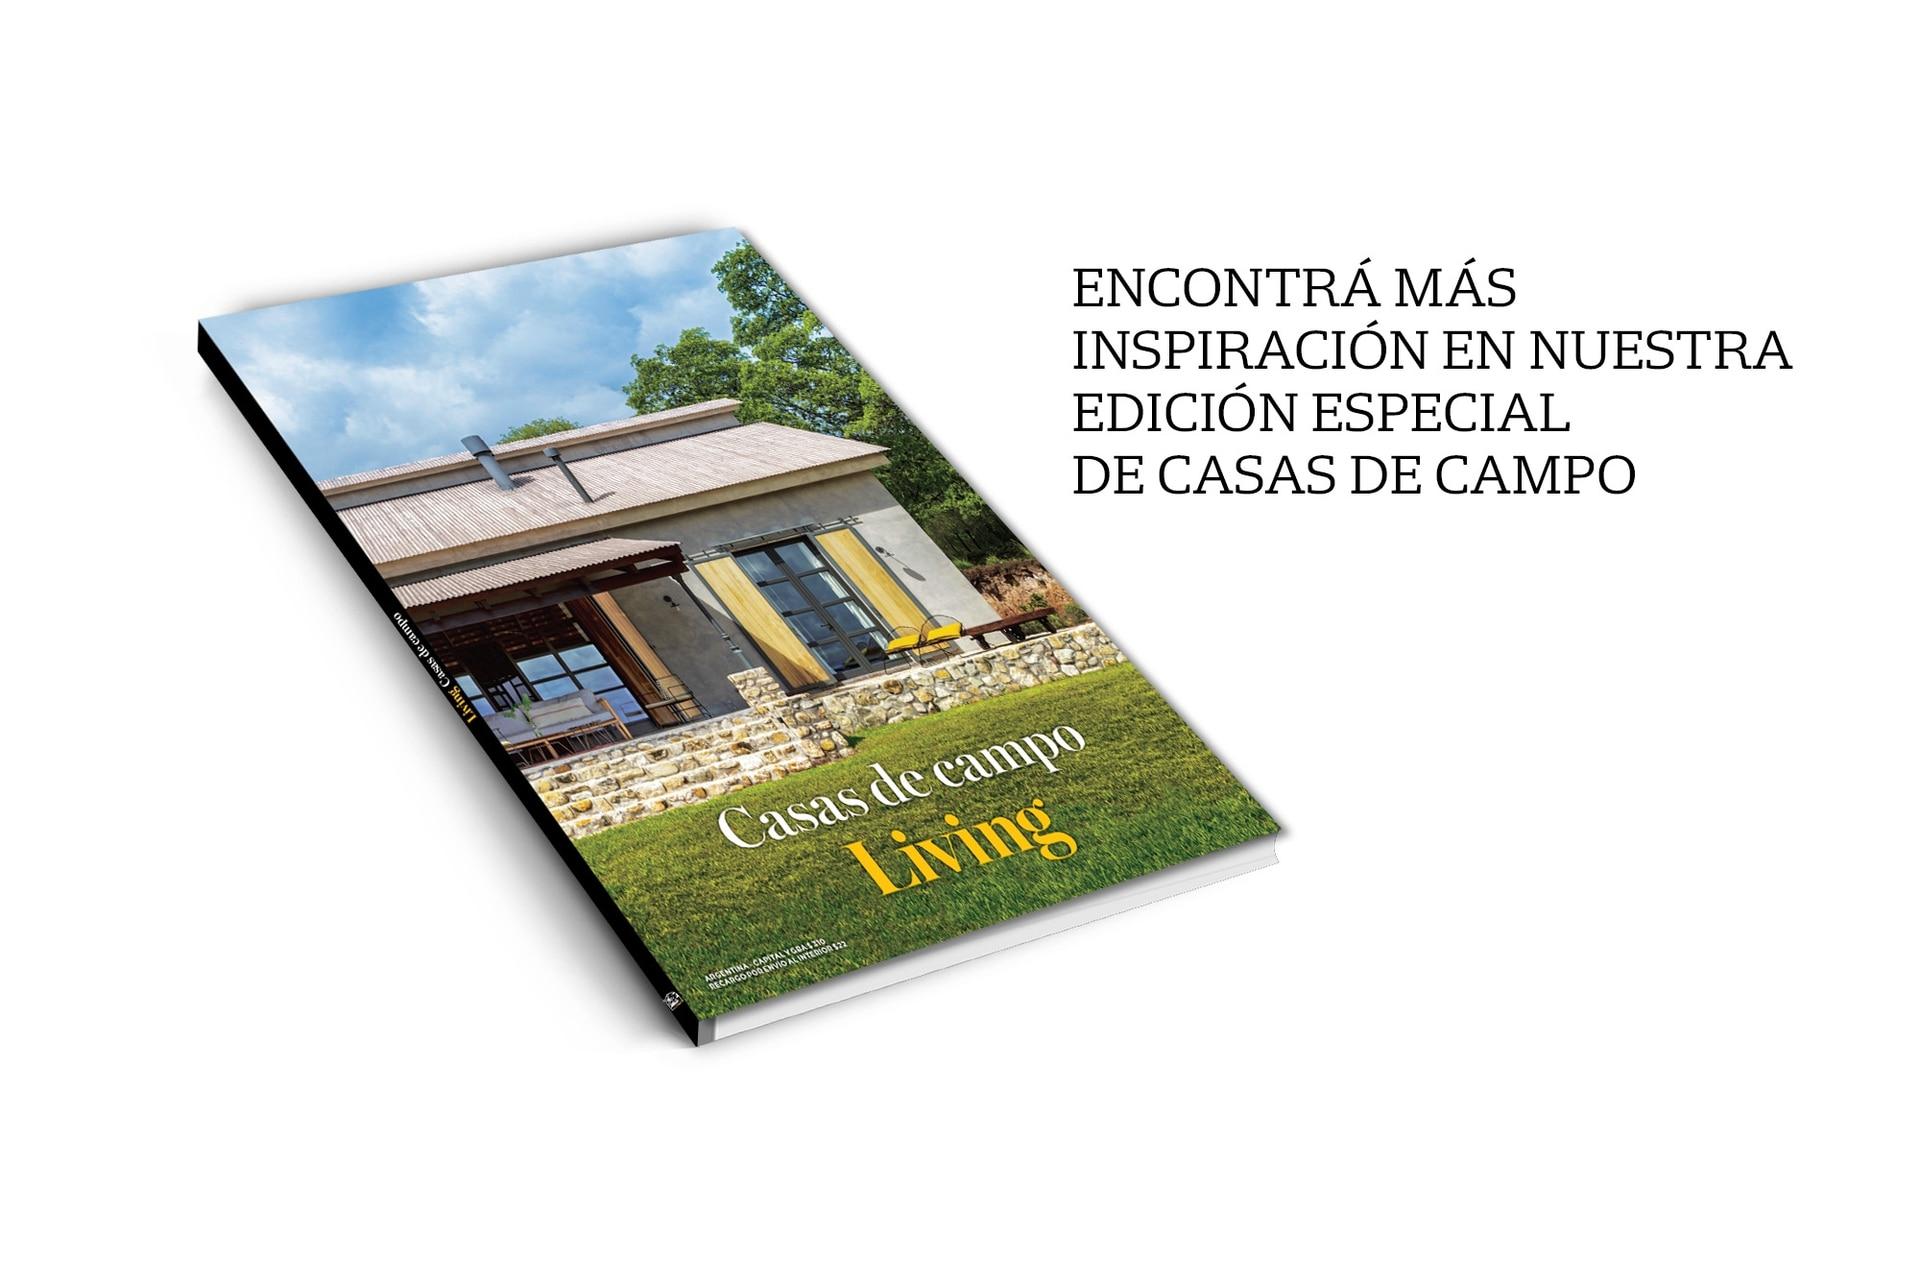 Recibila suscribiéndote a Living en miclub.lanacion.com.ar o llamando al 5199-4700.